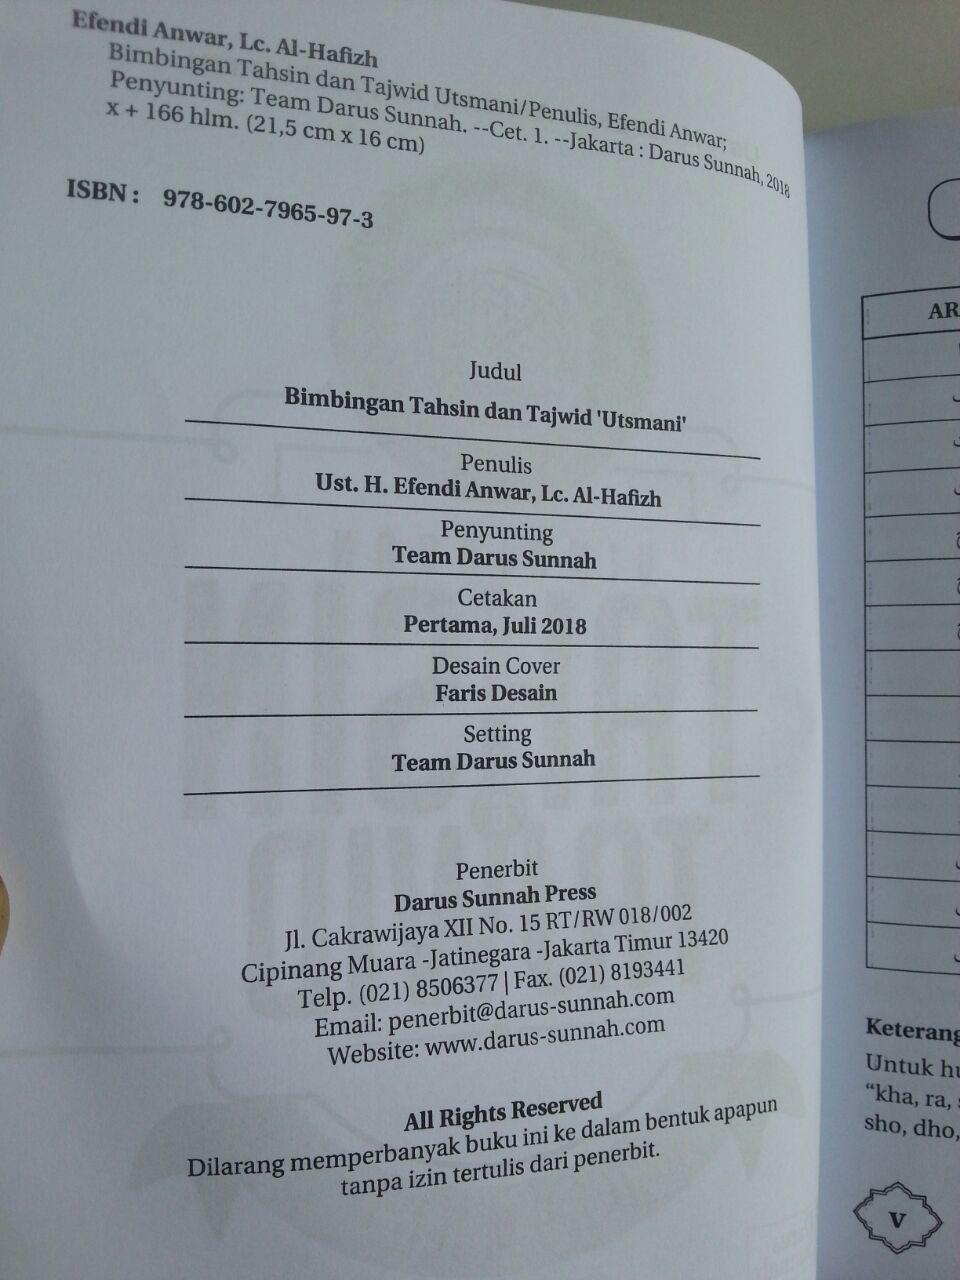 Buku Bimbingan Tahsin Dan Tajwid Utsmani isi